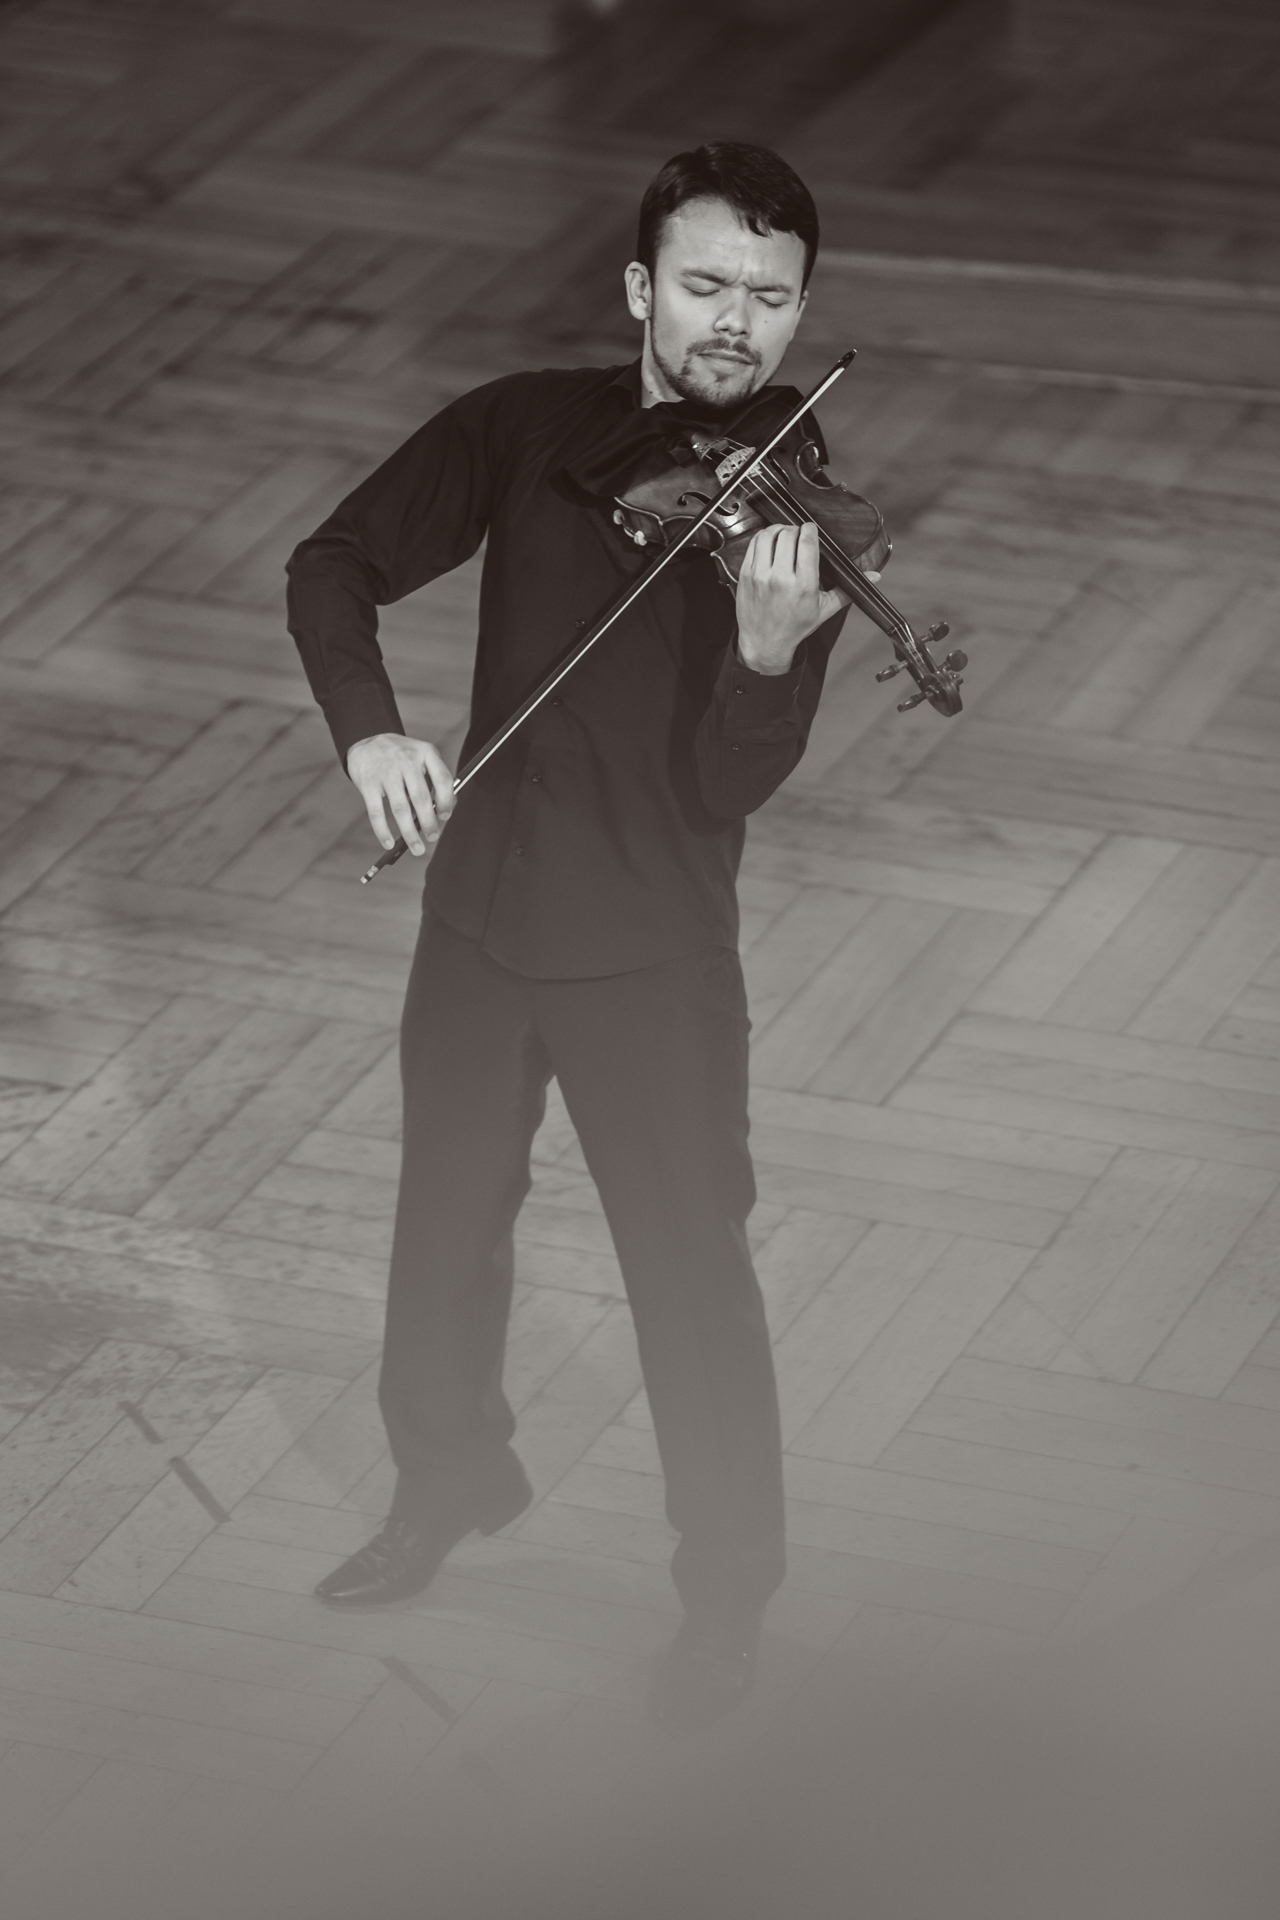 Rustem Monasypov (Rosja) - Etap 1 - 15. Międzynarodowy Konkurs Skrzypcowy im. H. Wieniawskiego BINAURAL | na słuchawki